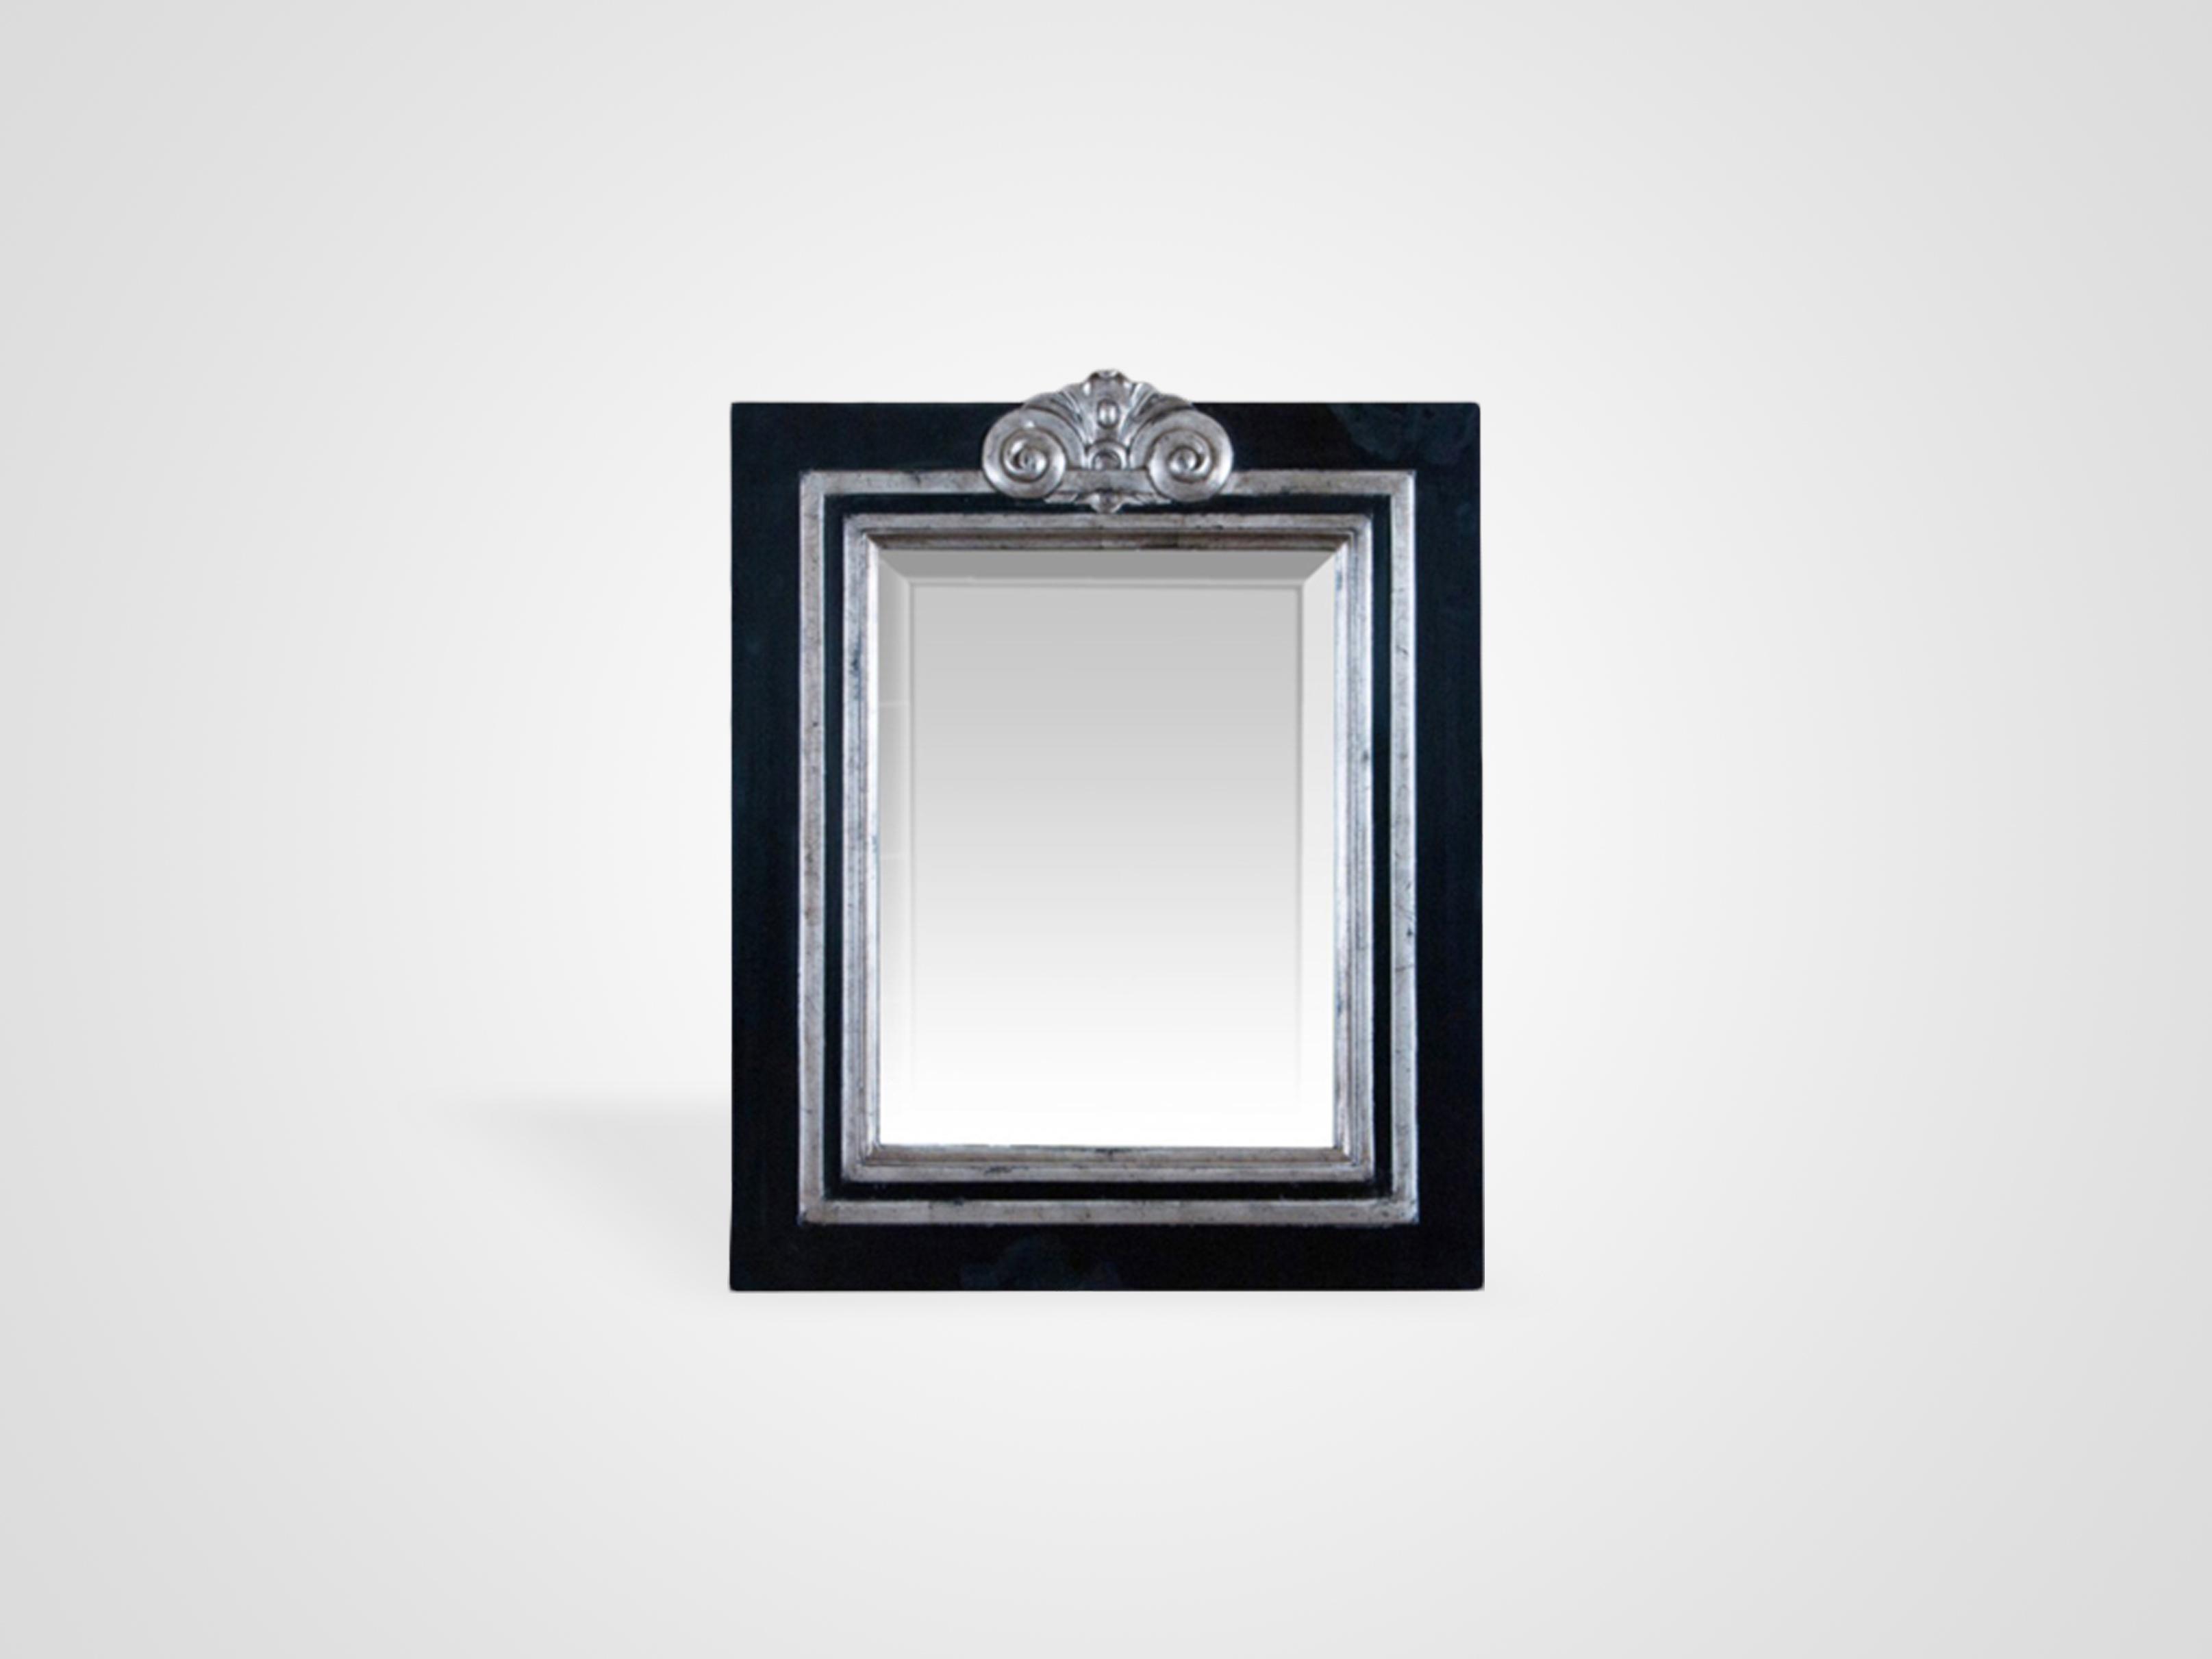 Купить Зеркало в черной раме из дерева махагони, inmyroom, Индонезия